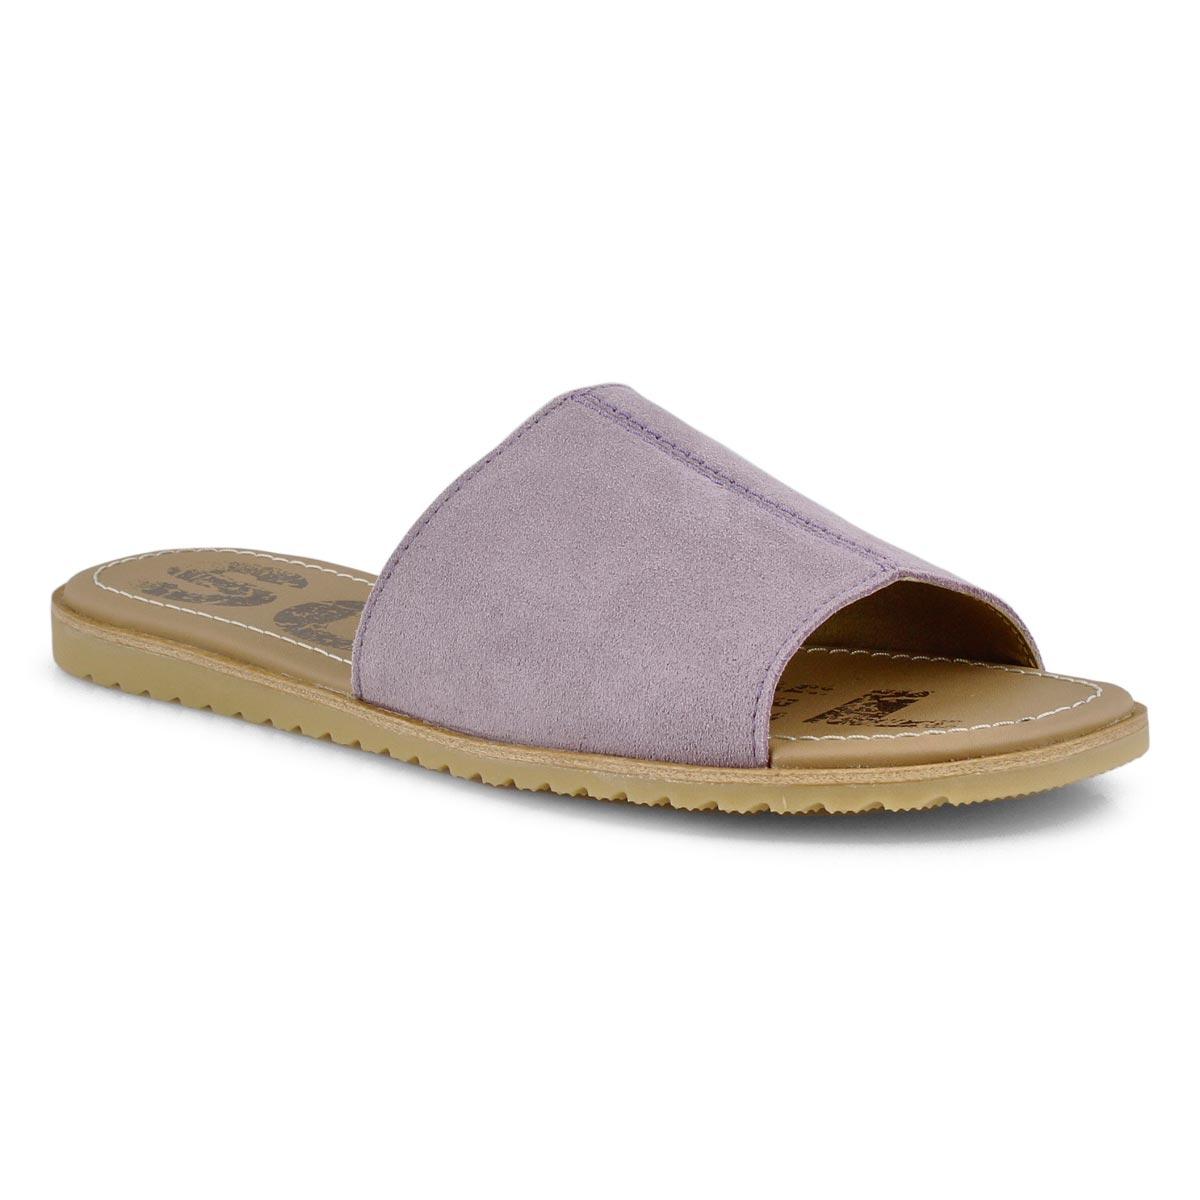 Sandale, Elle Block, mauve, femmes